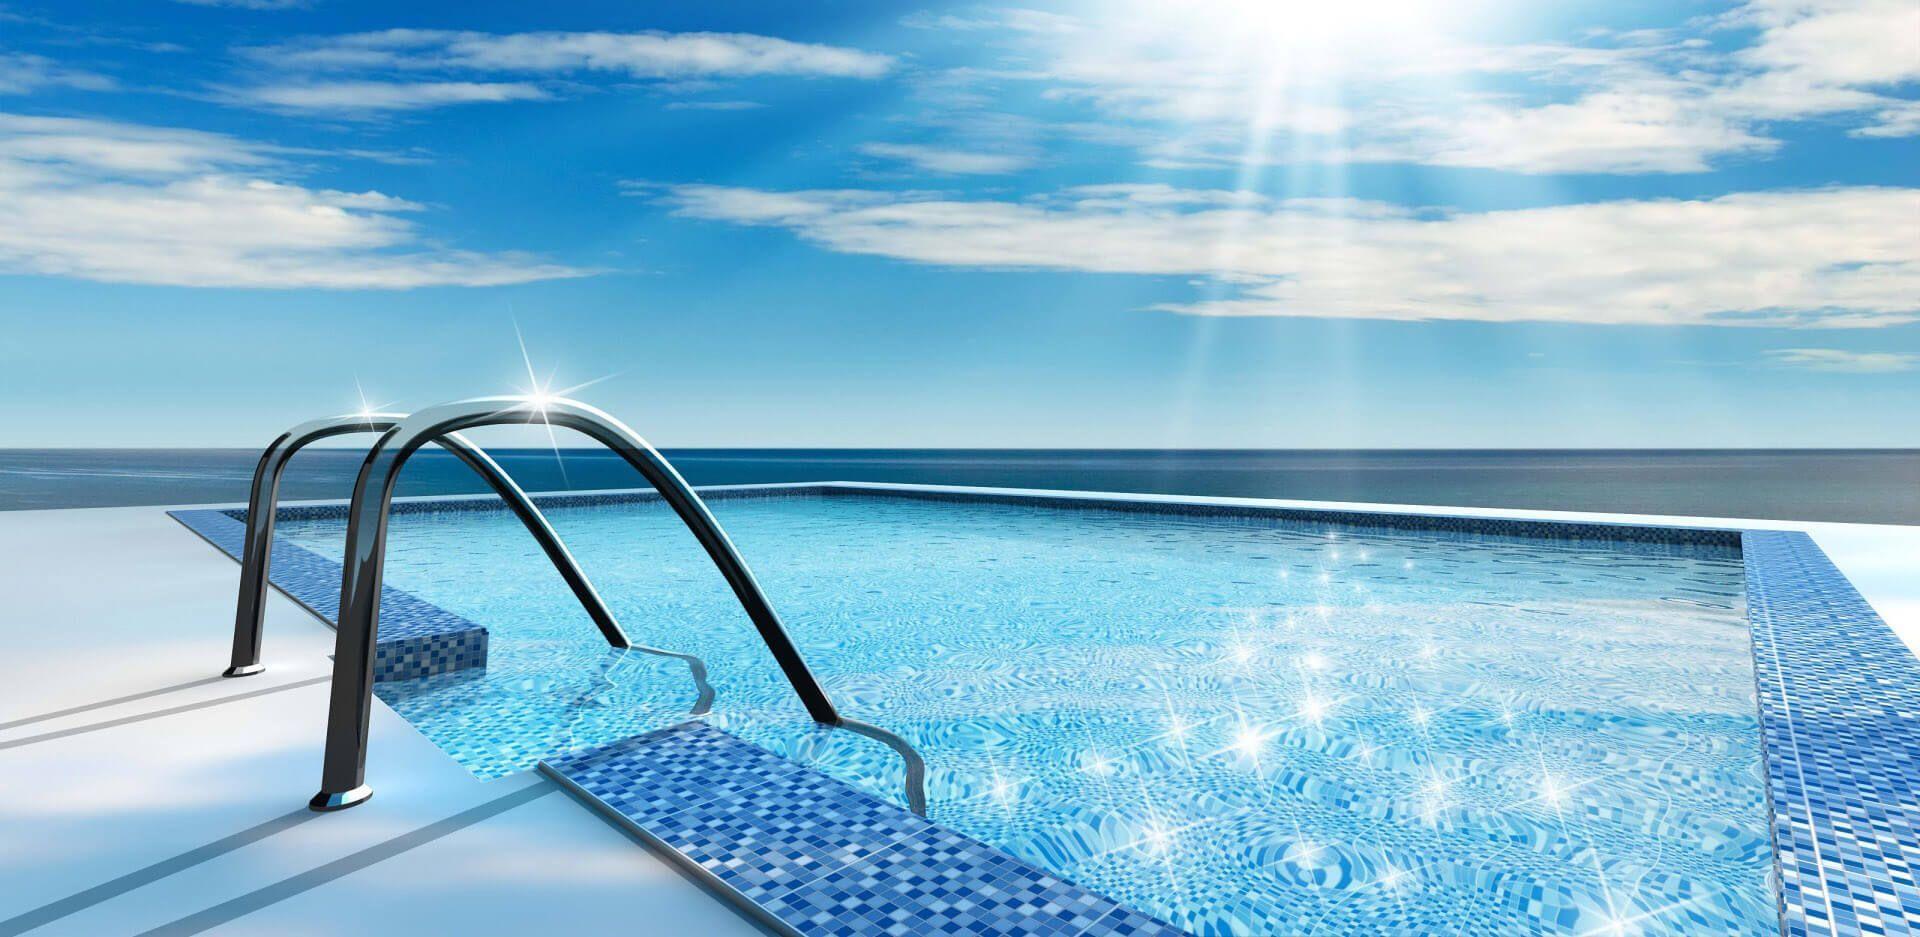 Productos para tratamiento del agua de piscinas.